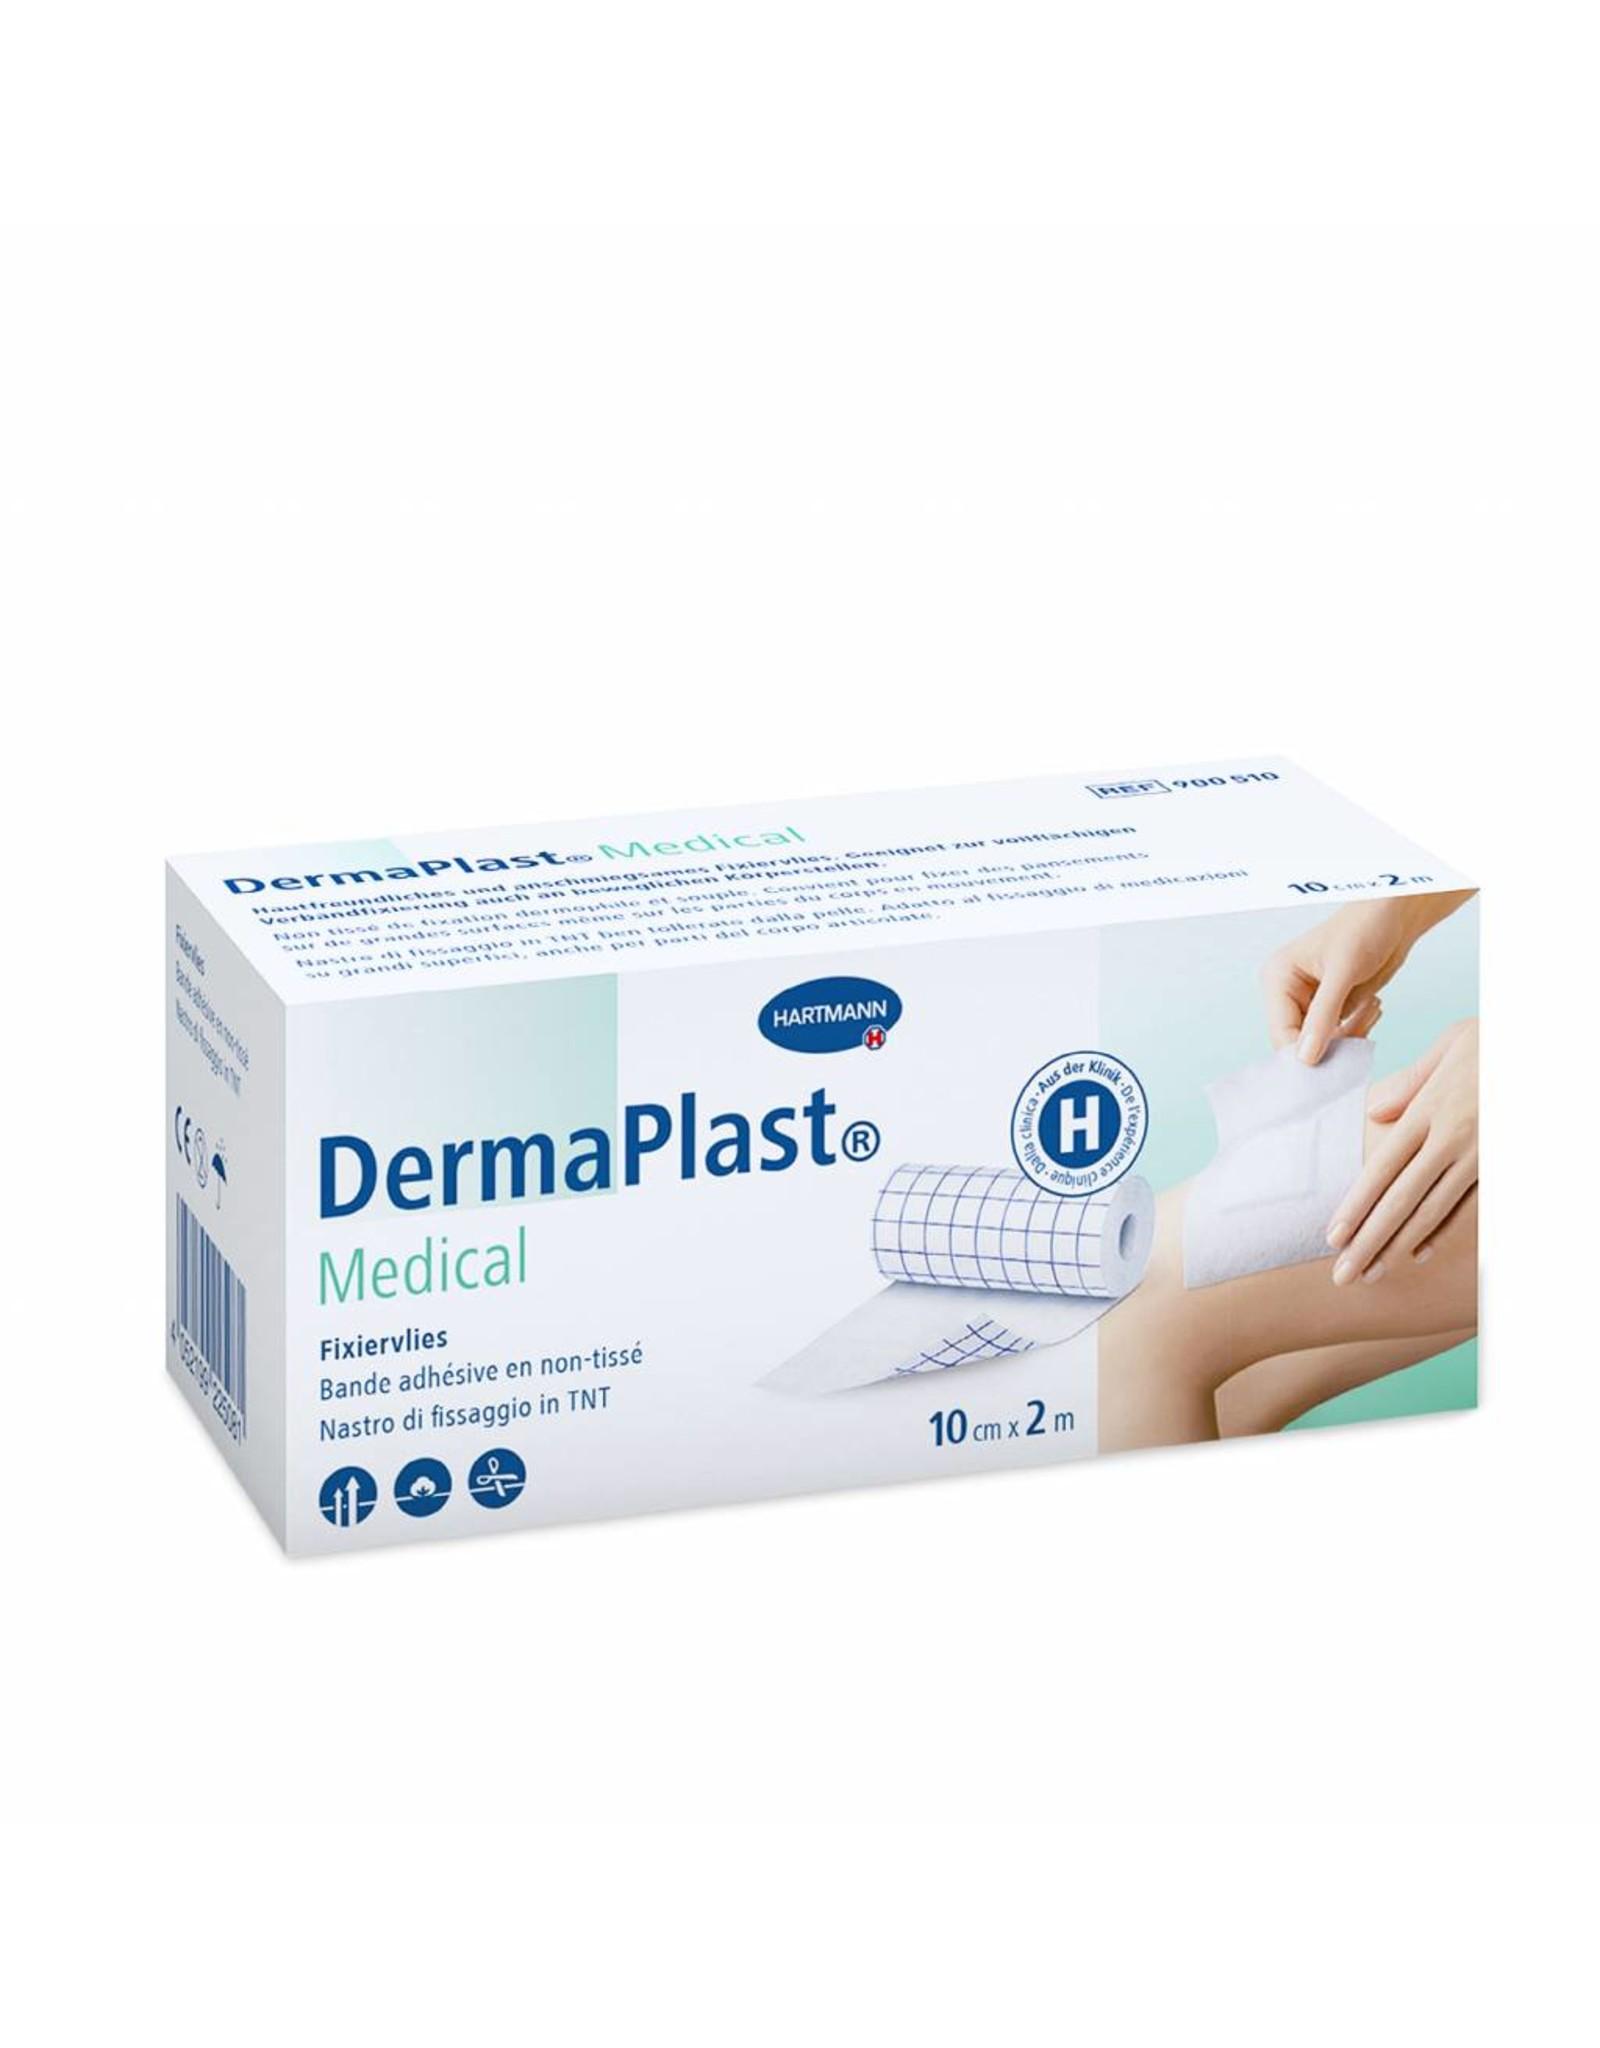 DermaPlast DermaPlast Medical Fixiervlies 10cm x 2m